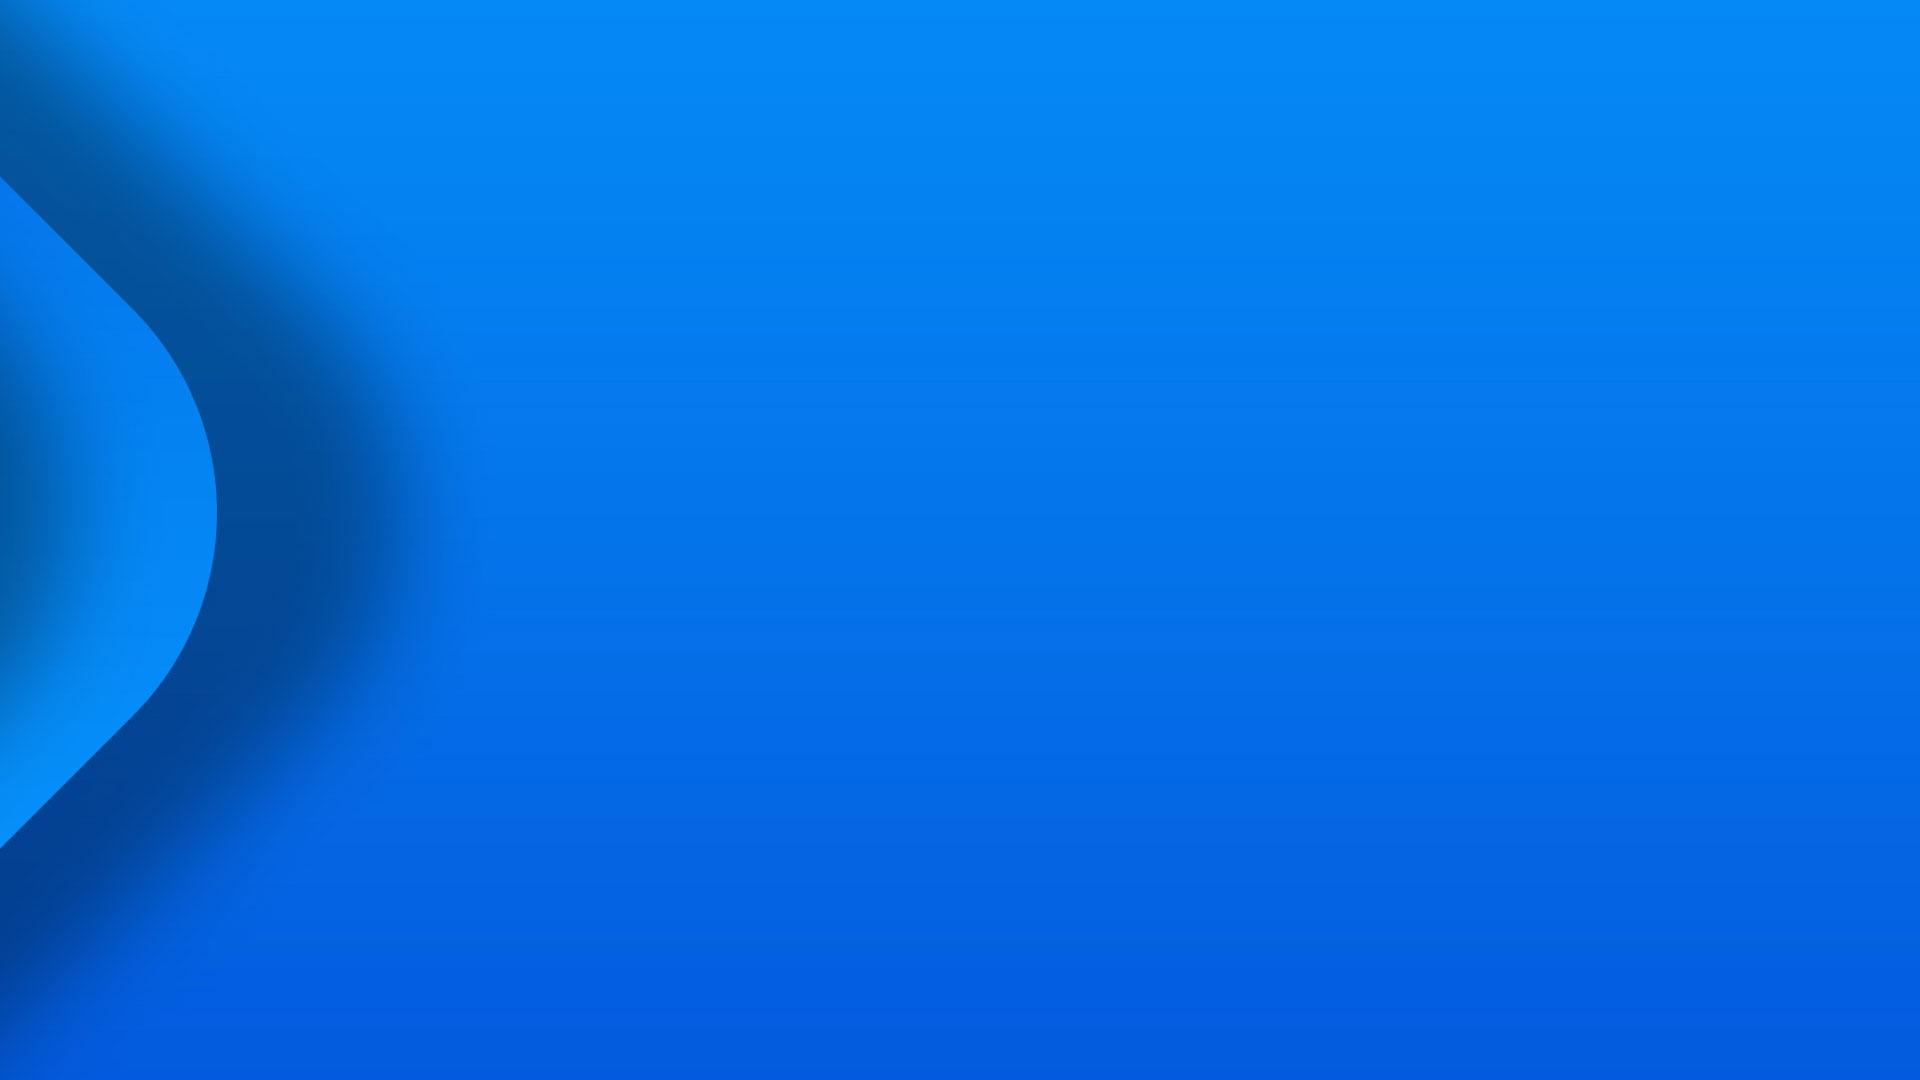 Ein blauer Hintergrund mit Verlauf